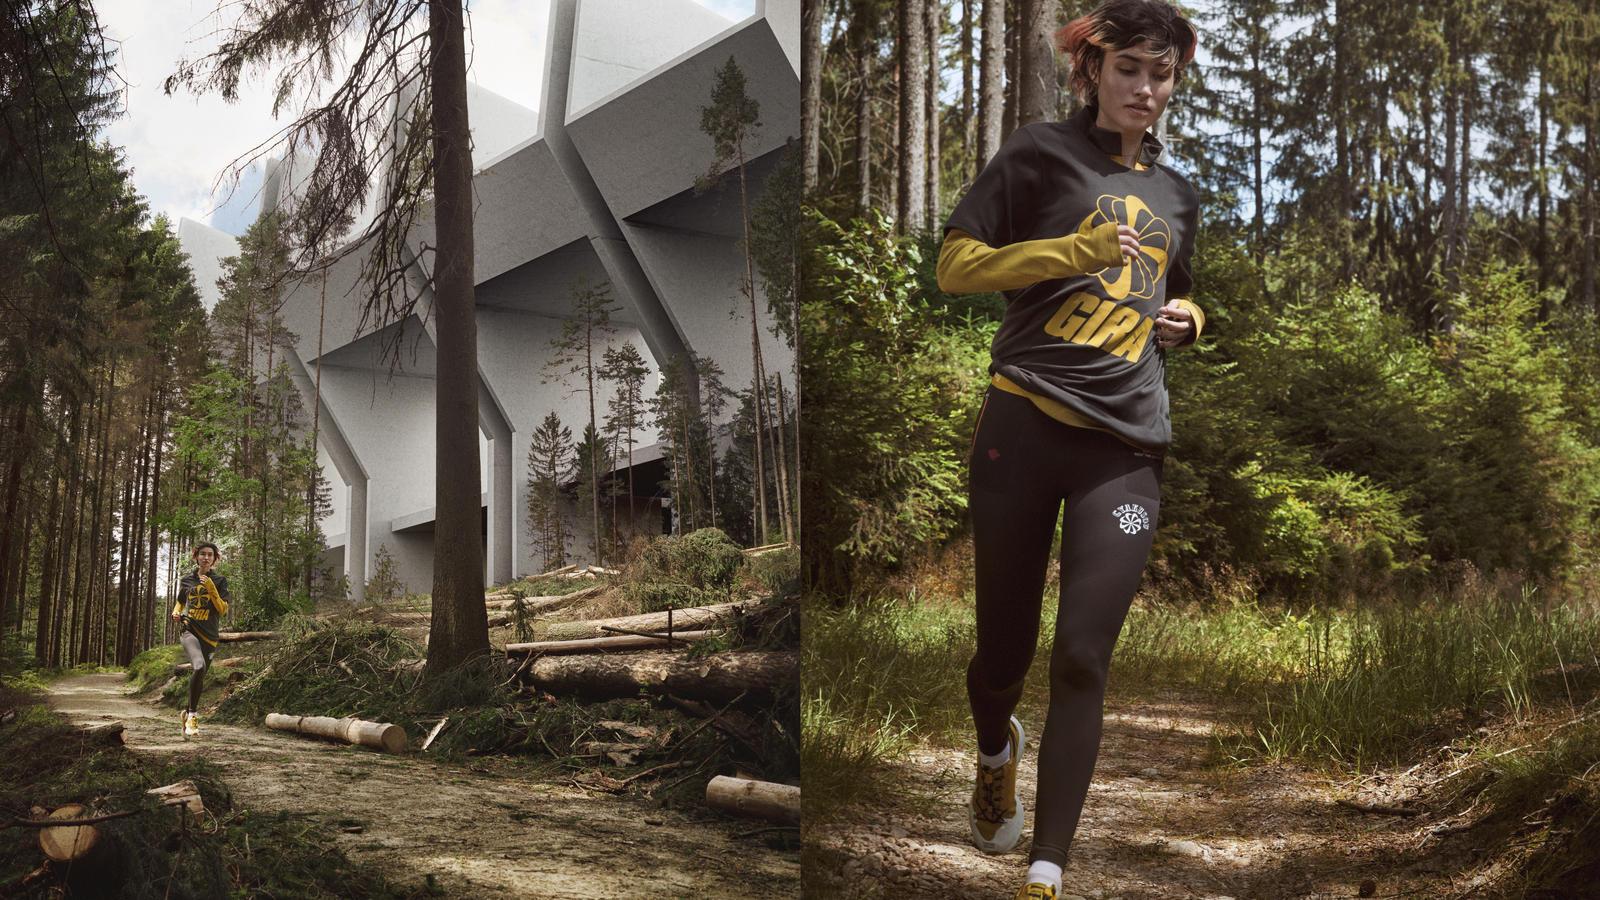 """「ナイキの19年秋「GYAKUSOU」コレクションは70年代のランニングブームから着想した """"トレイルシリーズ""""」の画像"""